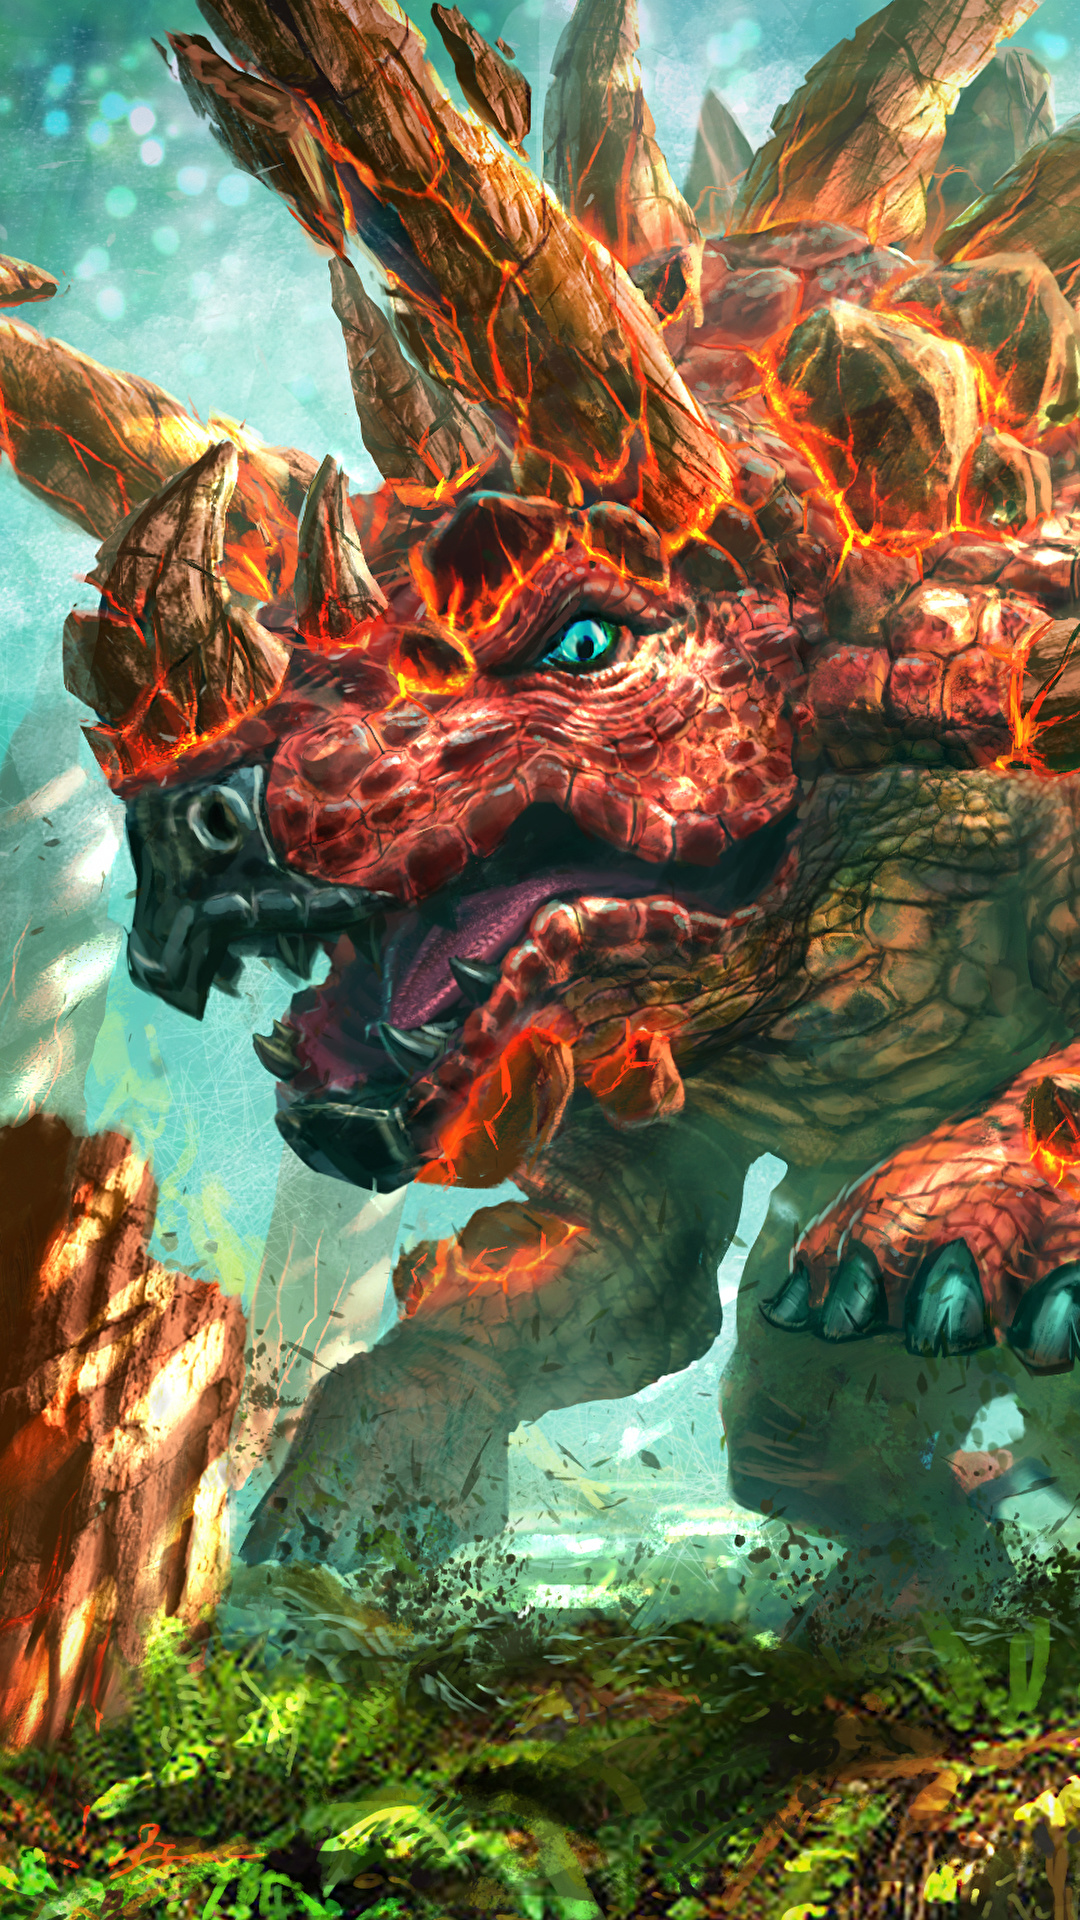 壁紙 1080x1920 Hearthstone Heroes Of Warcraft 恐竜 Iron Hide